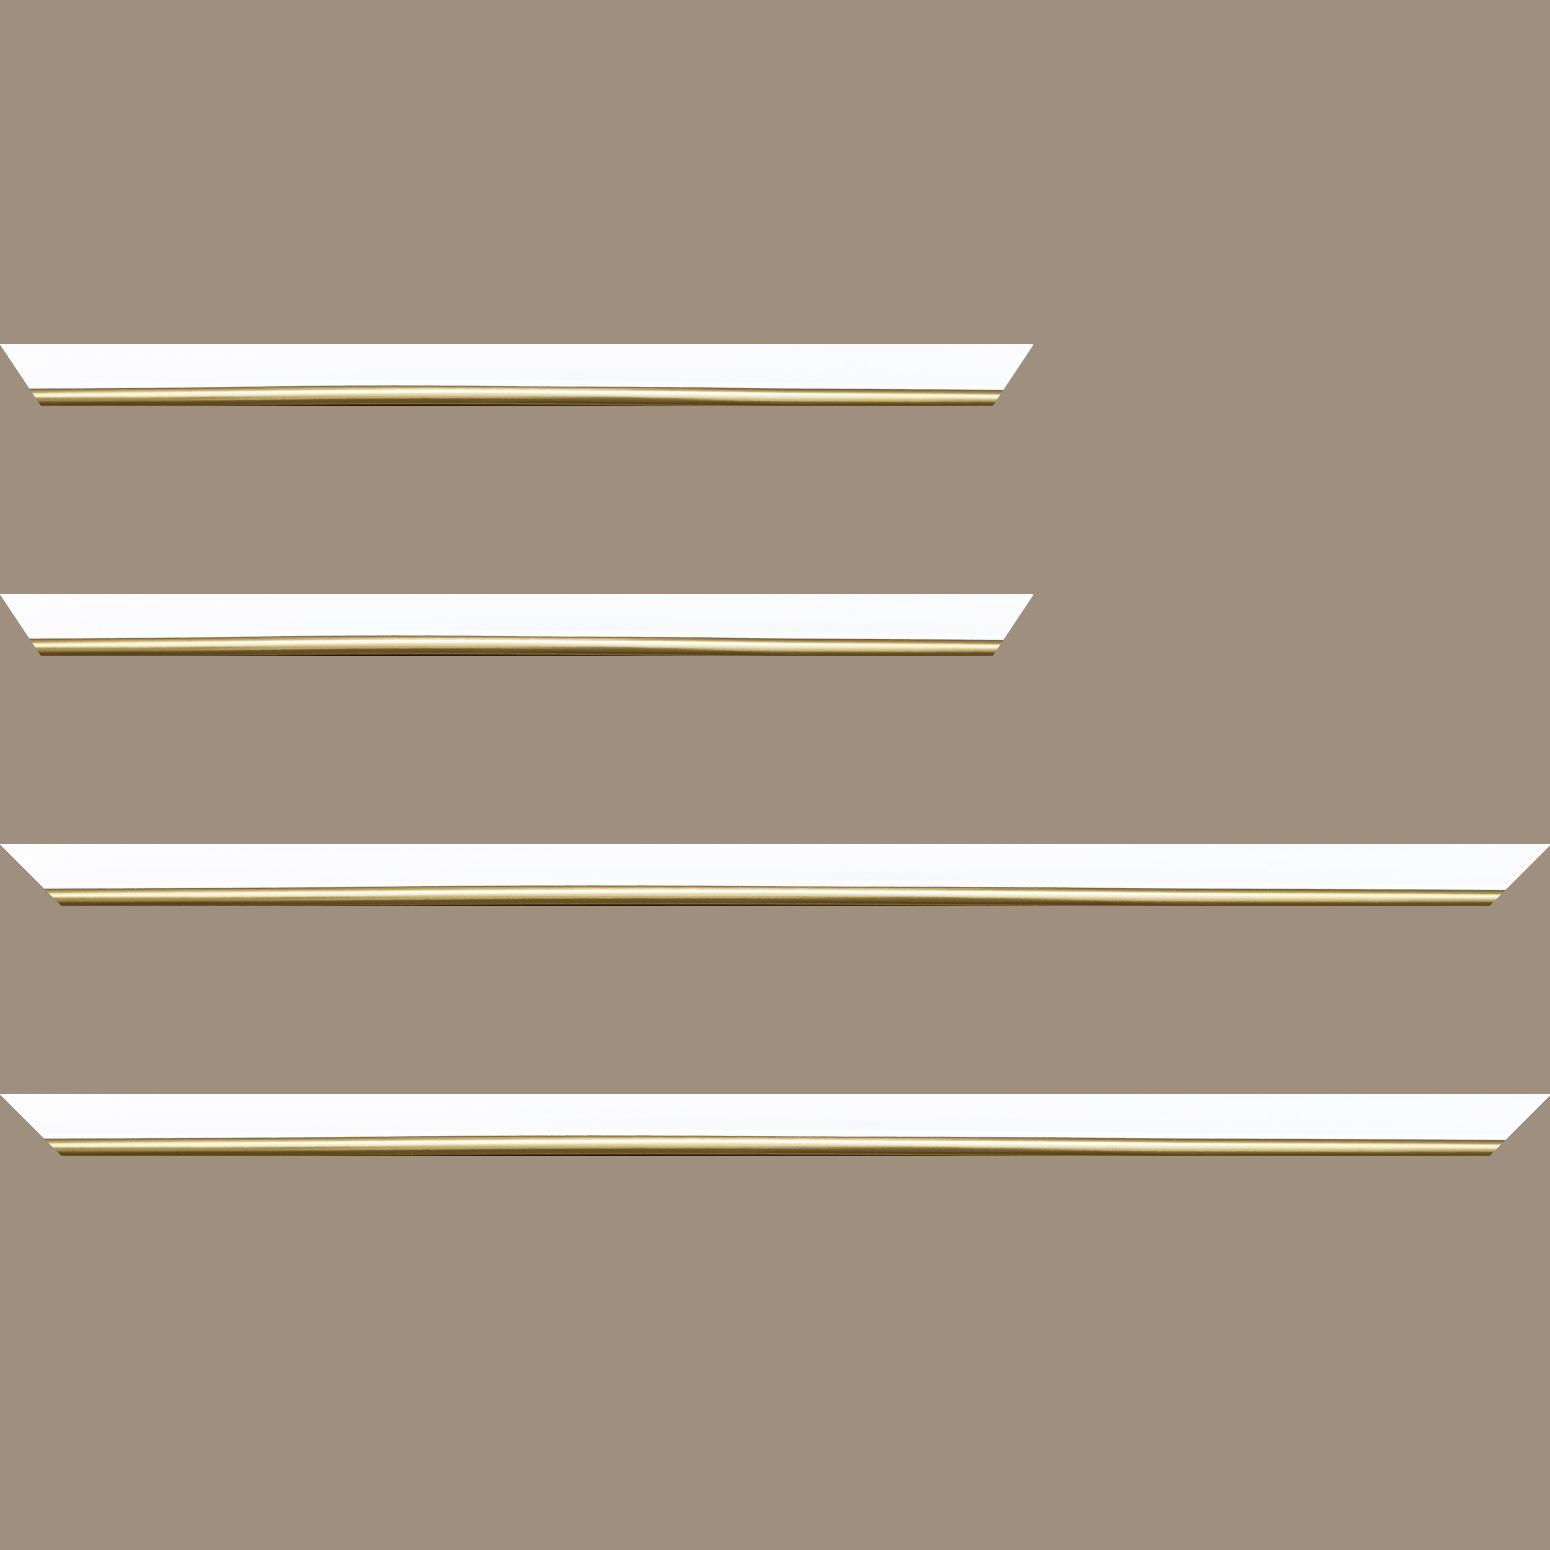 Baguette service précoupé Bois profil arrondi largeur 2.1cm couleur blanc mat filet or